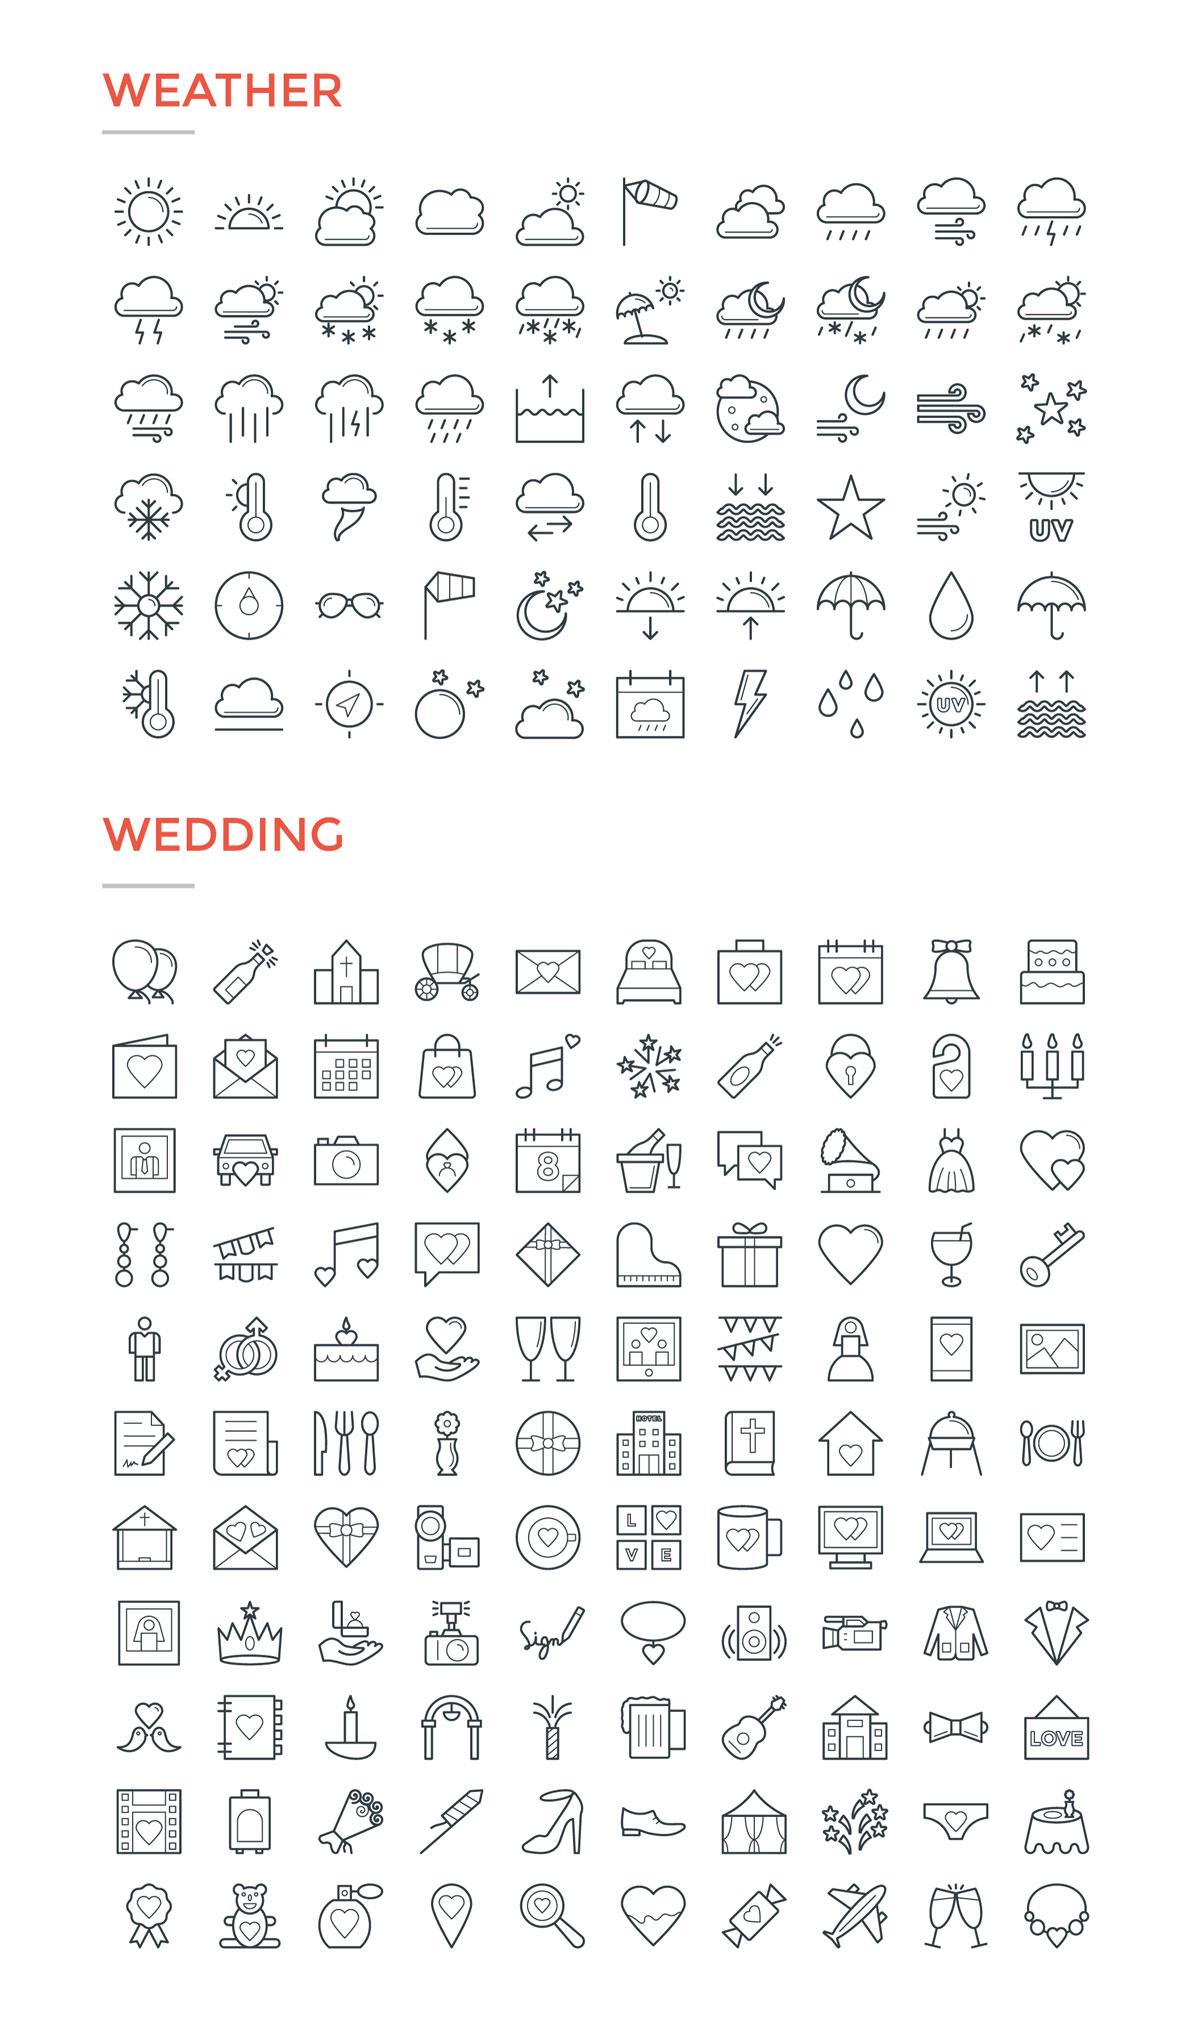 4800款独特的矢量图标合集 4800 Line Icons插图19